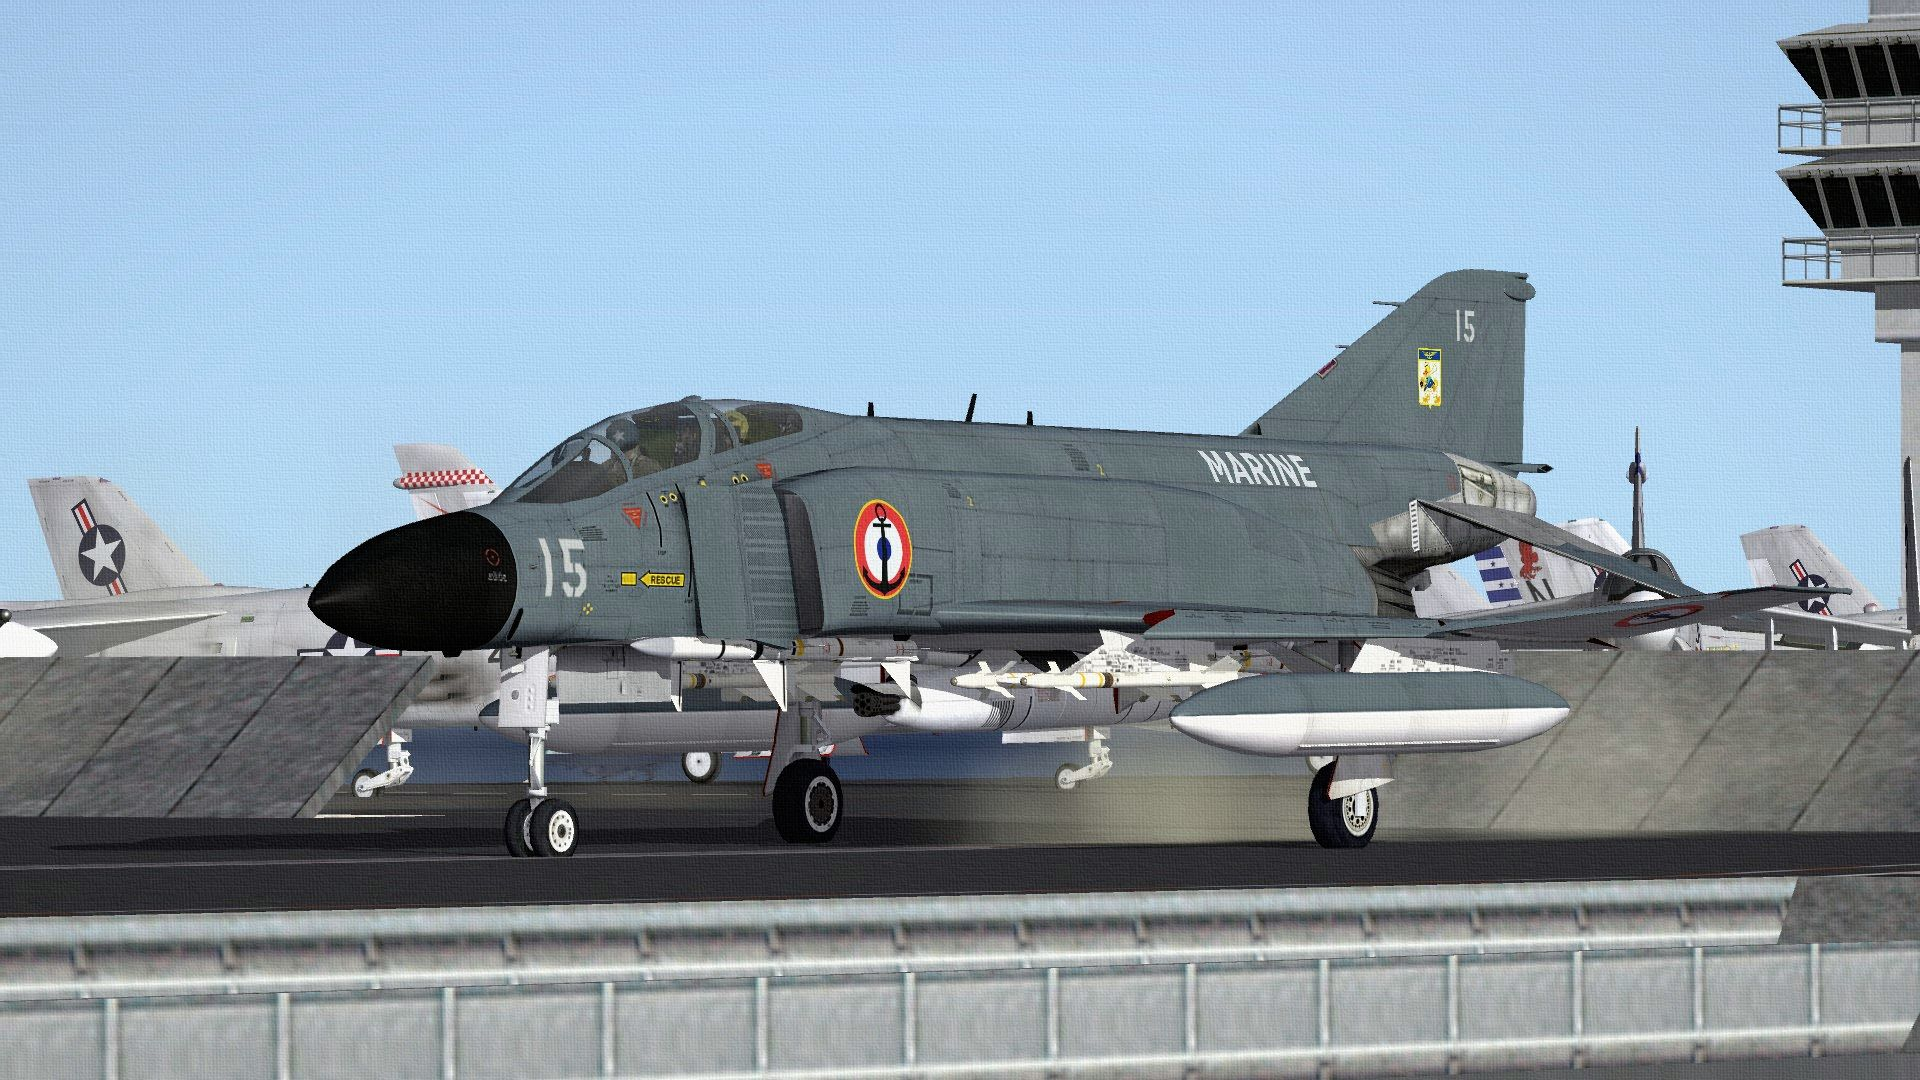 AERONAVALEF-4JPHANTOM01_zps81b981c7.jpg